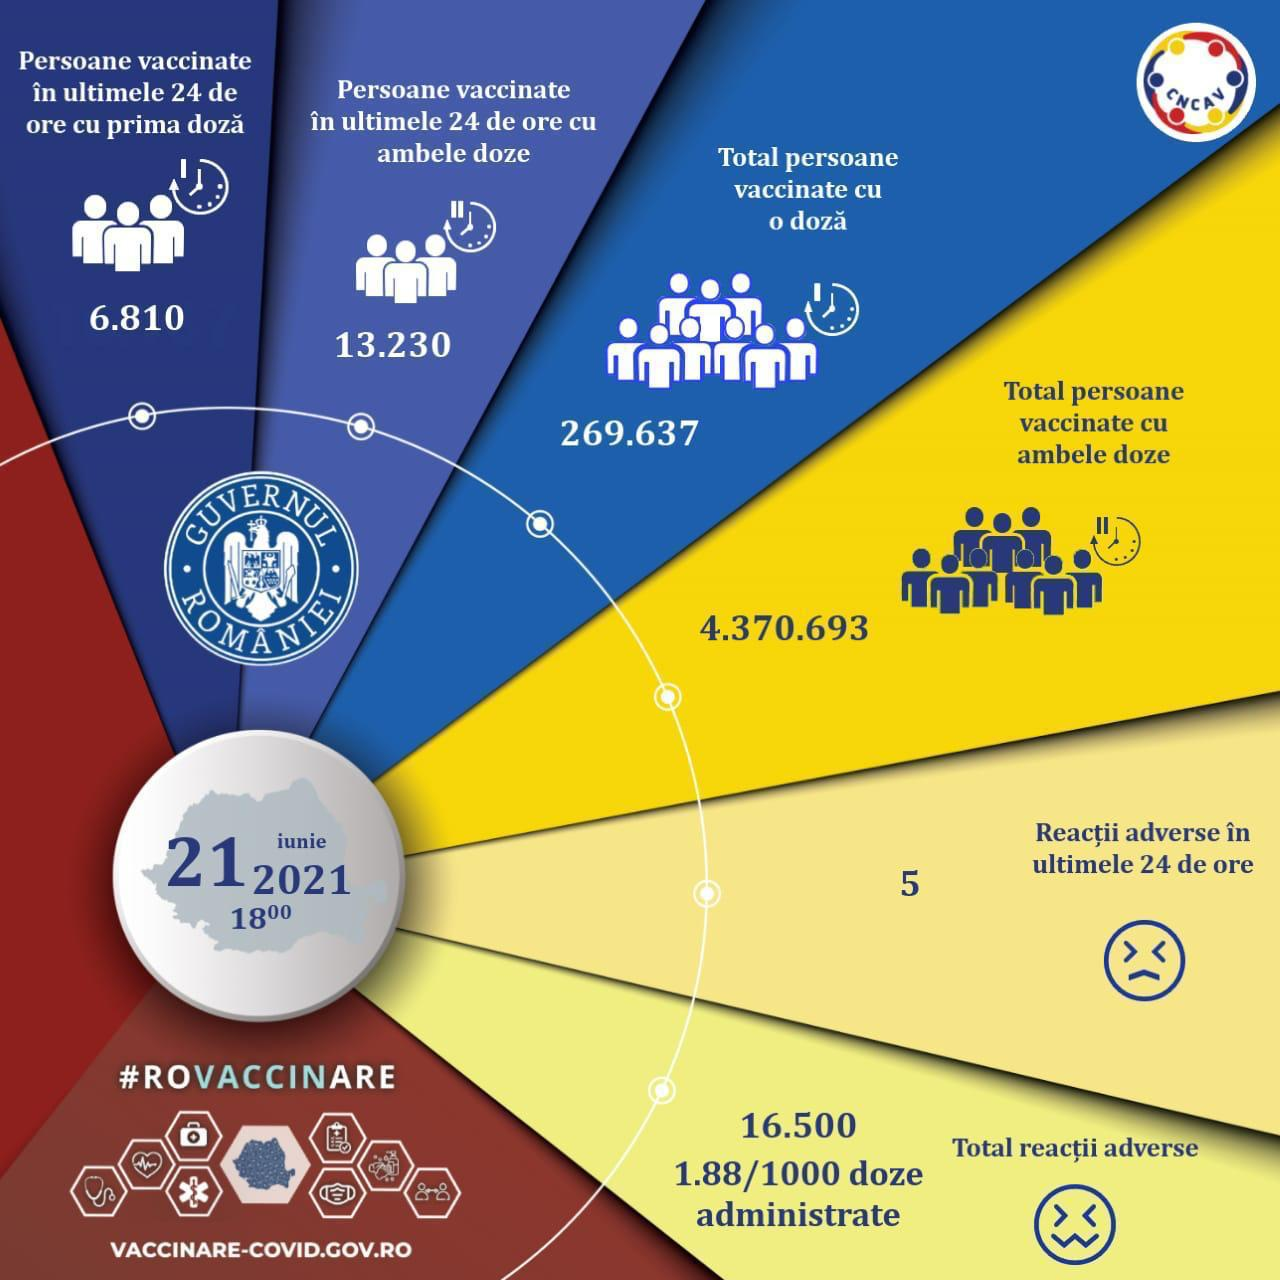 Campania de vaccinare anti-COVID-19. Peste 20.000 de persoane imunizate în ultimele 24 de ore: Doar 6.800 și-au făcut prima doză